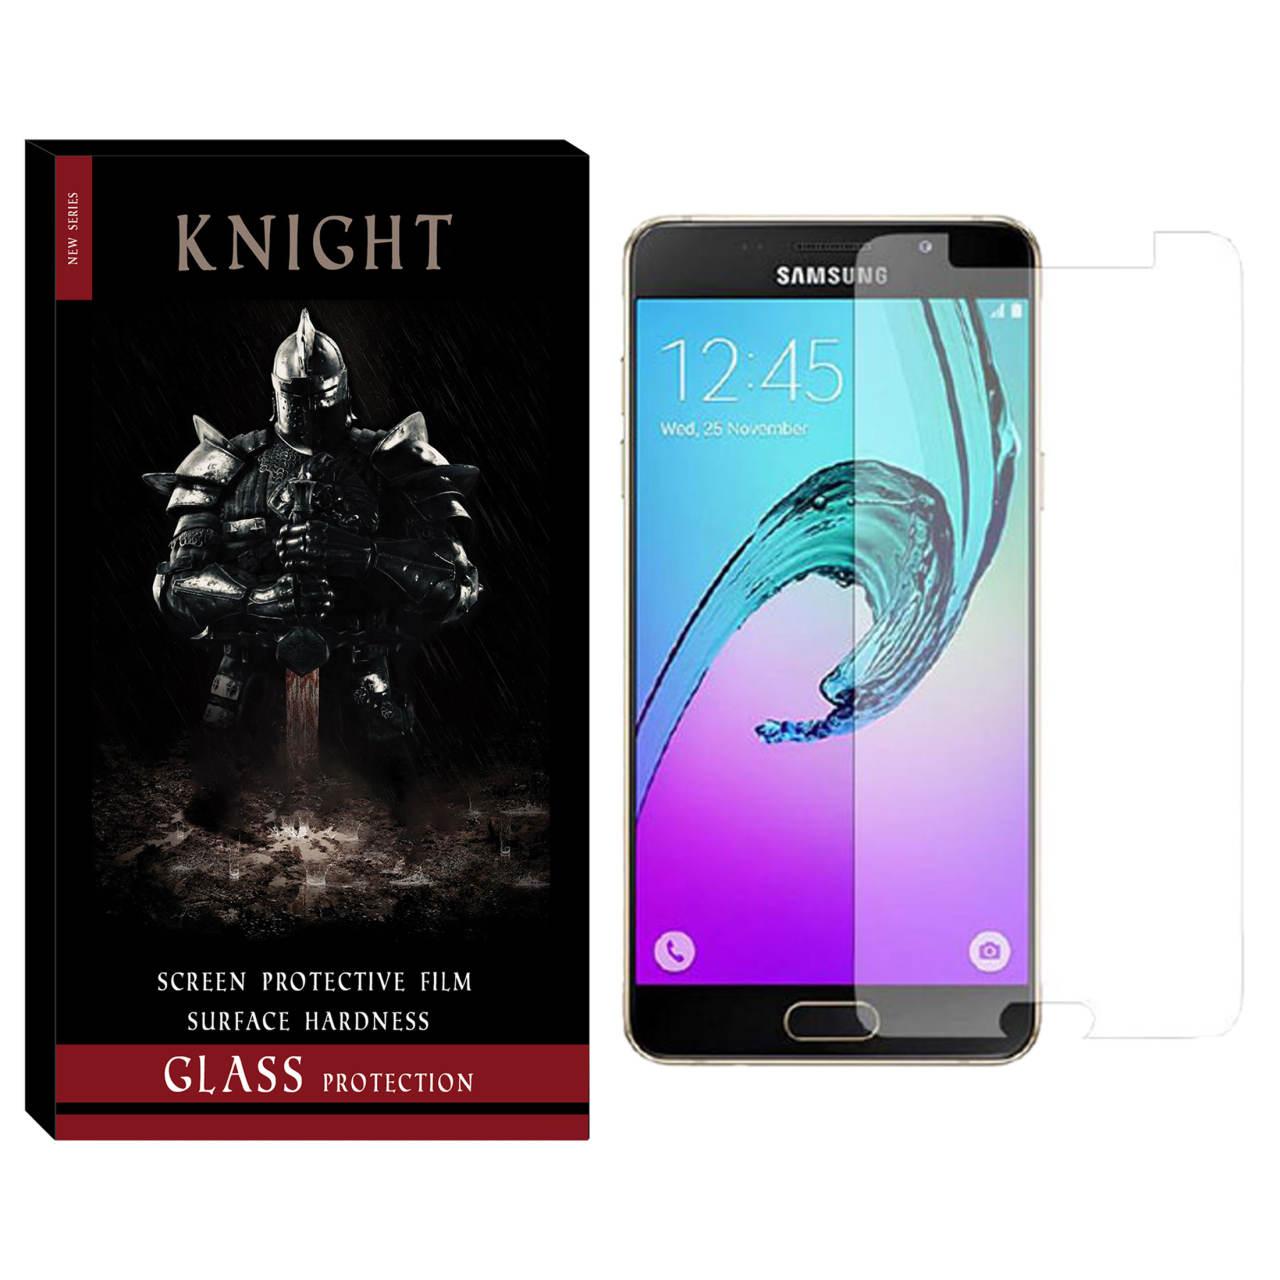 محافظ صفحه نمایش نایت مدل K-001 مناسب برای گوشی موبایل سامسونگ Galaxy A3 2016 / A310